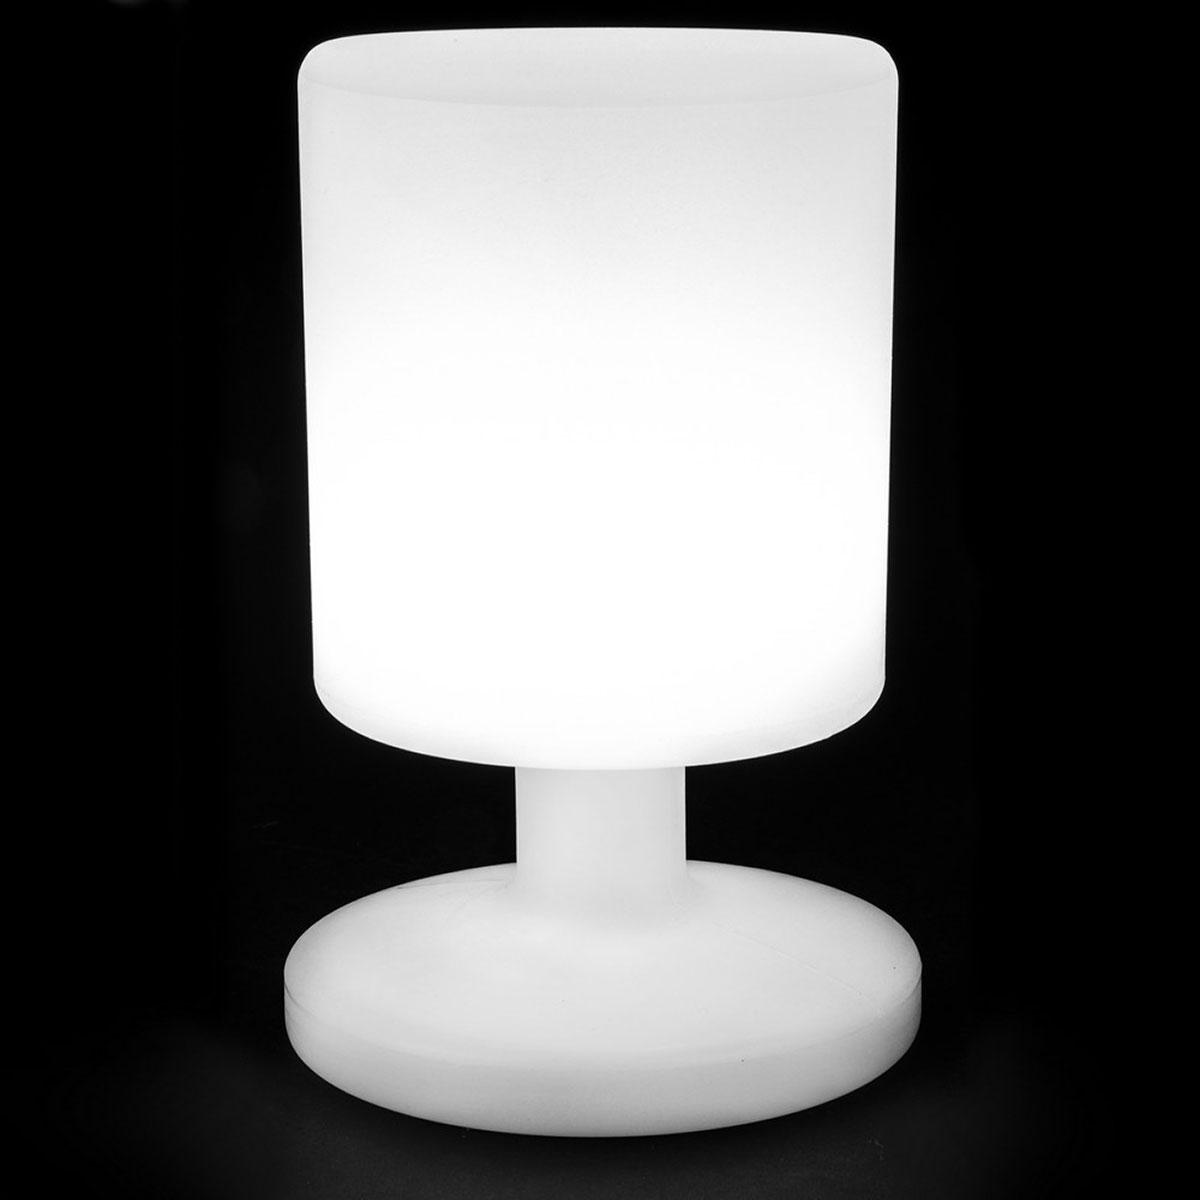 Lampe à leds rechargeable (usb) - Blanc - 15.00 cm x 15.00 cm x 26.00 cm